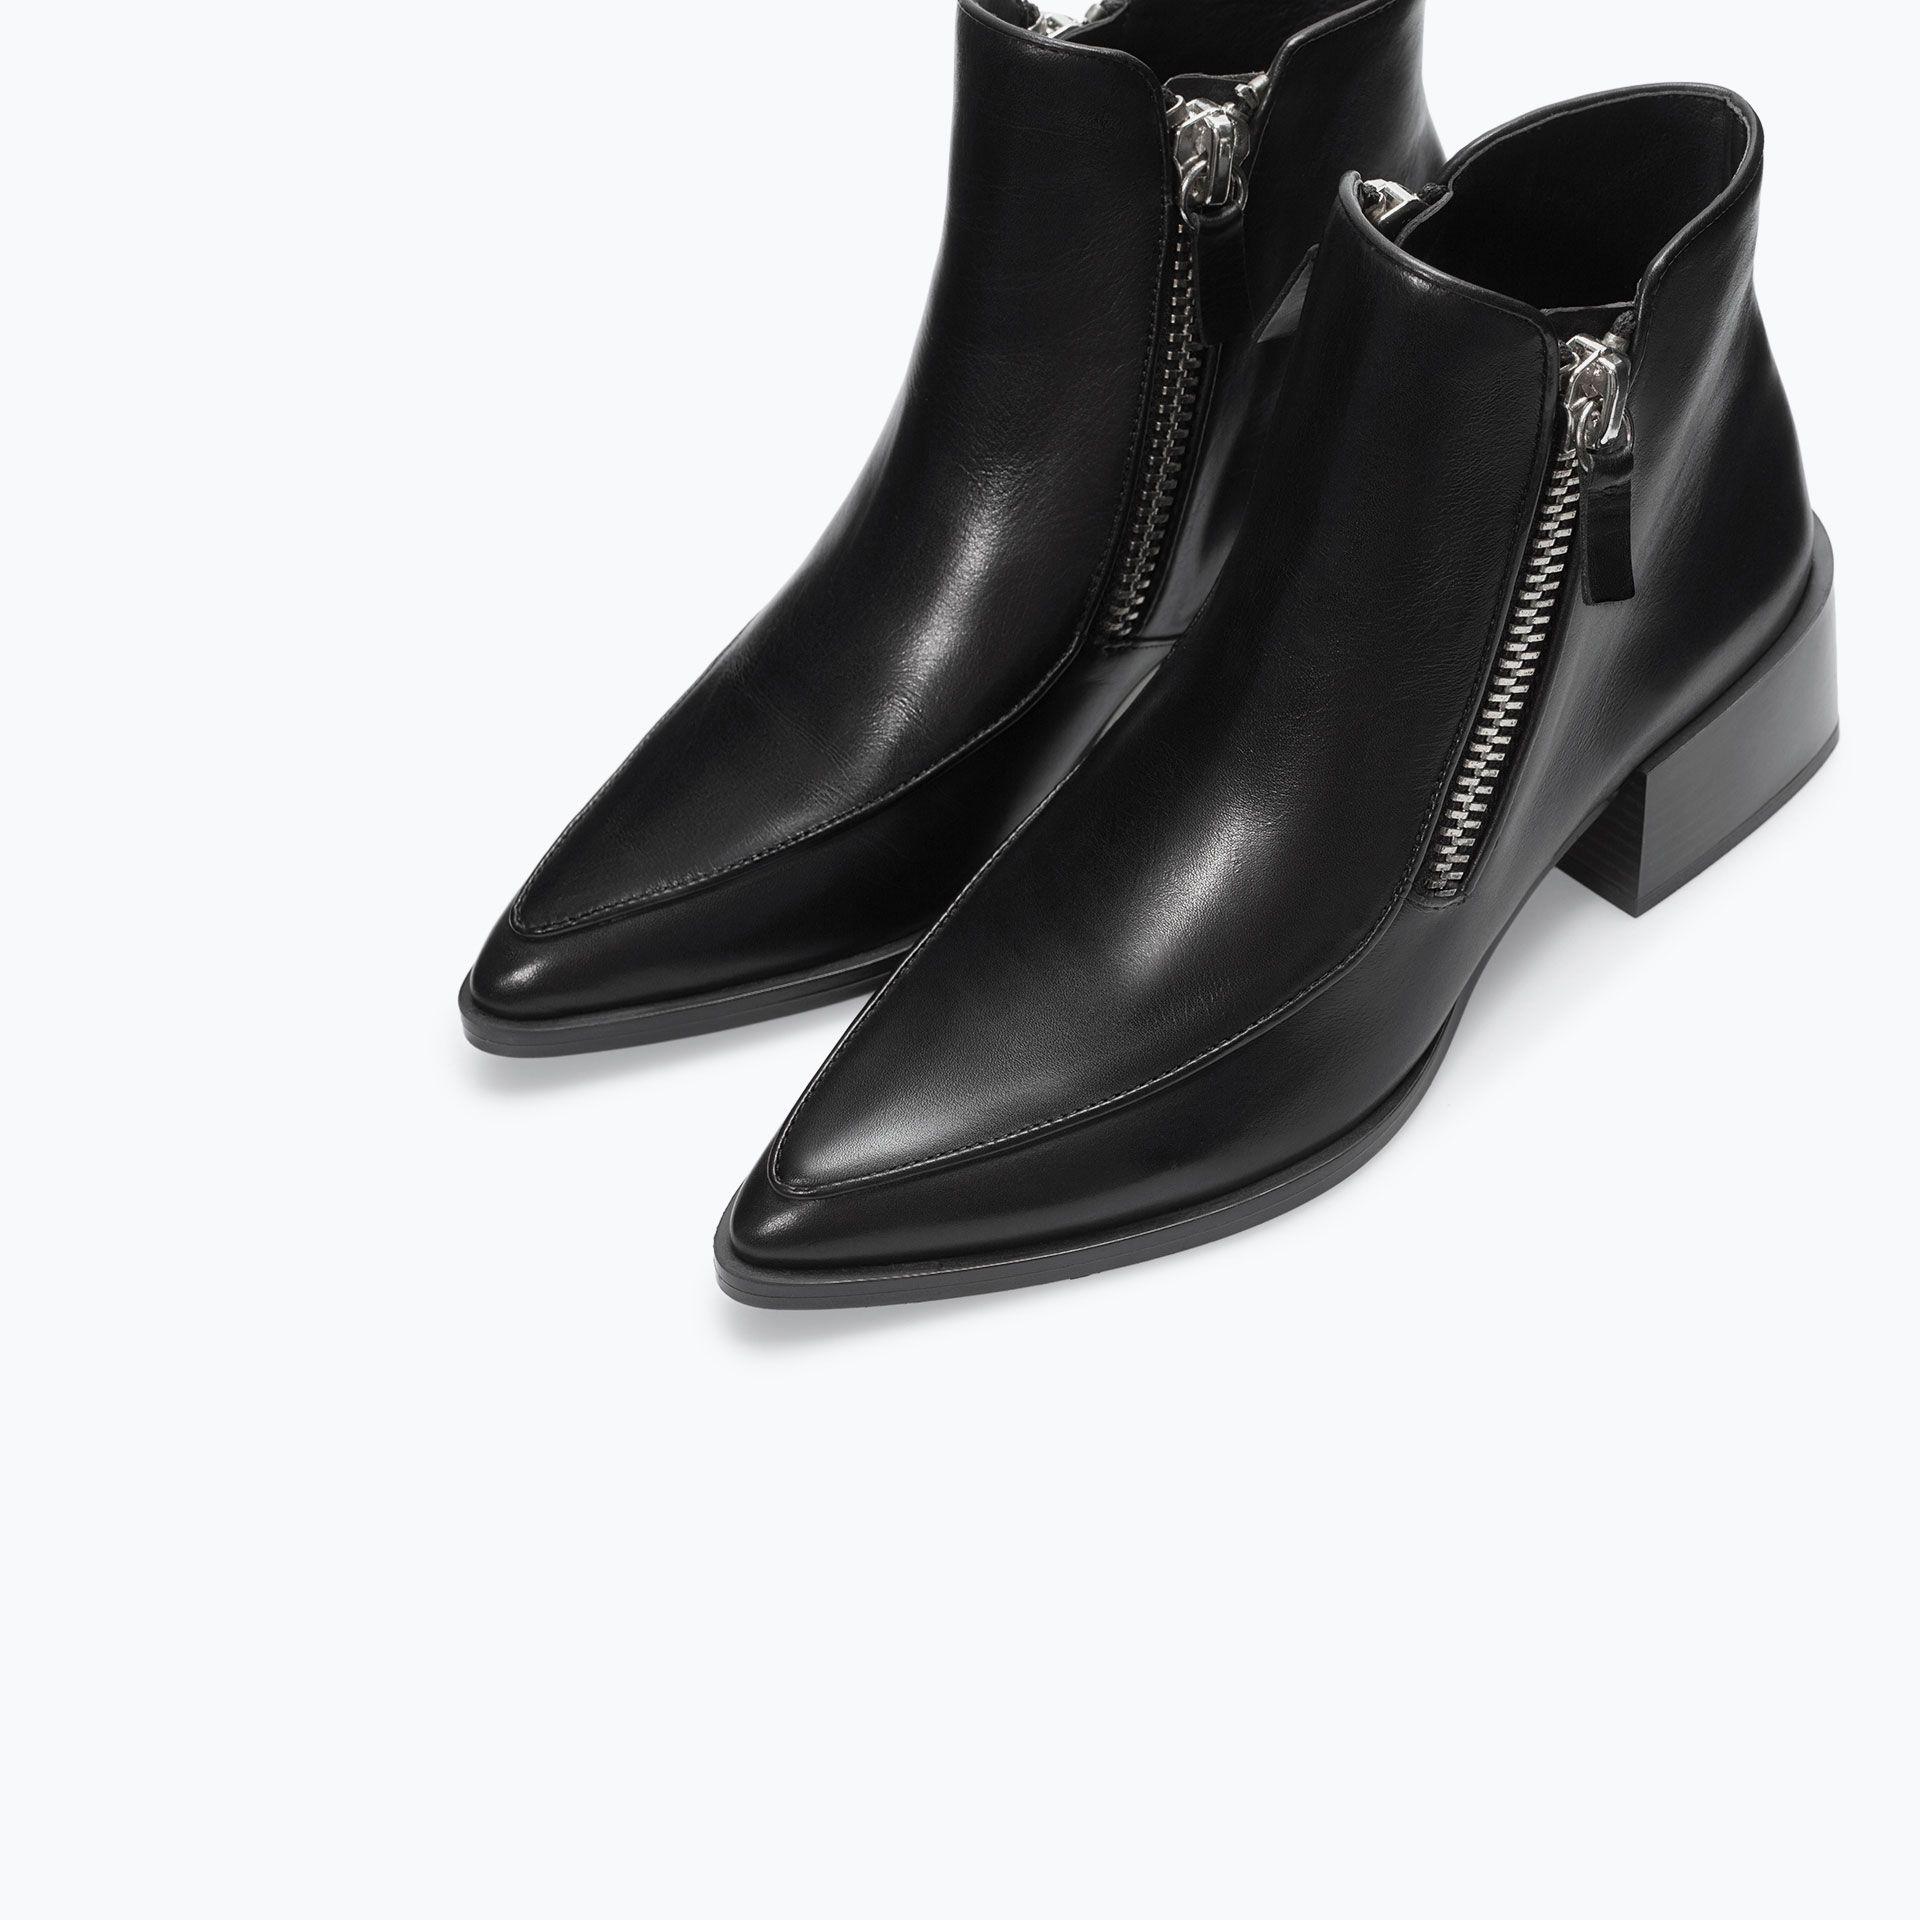 Schwarze Stiefel mit Reißverschluss RhkCd0